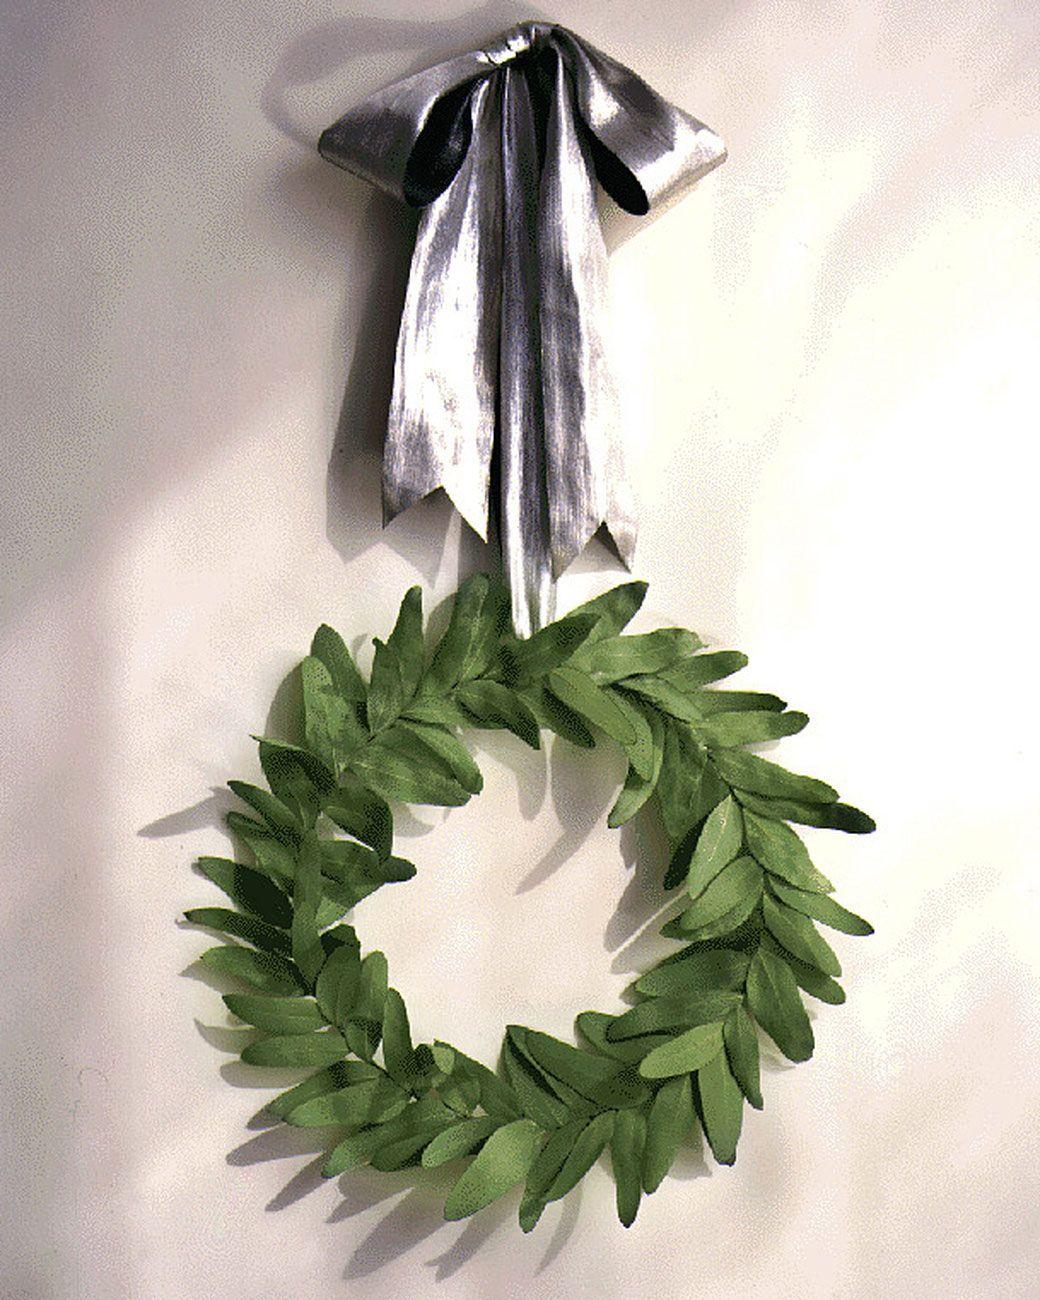 Guirlanda simples de folhas verdes suspensa por laço prateado